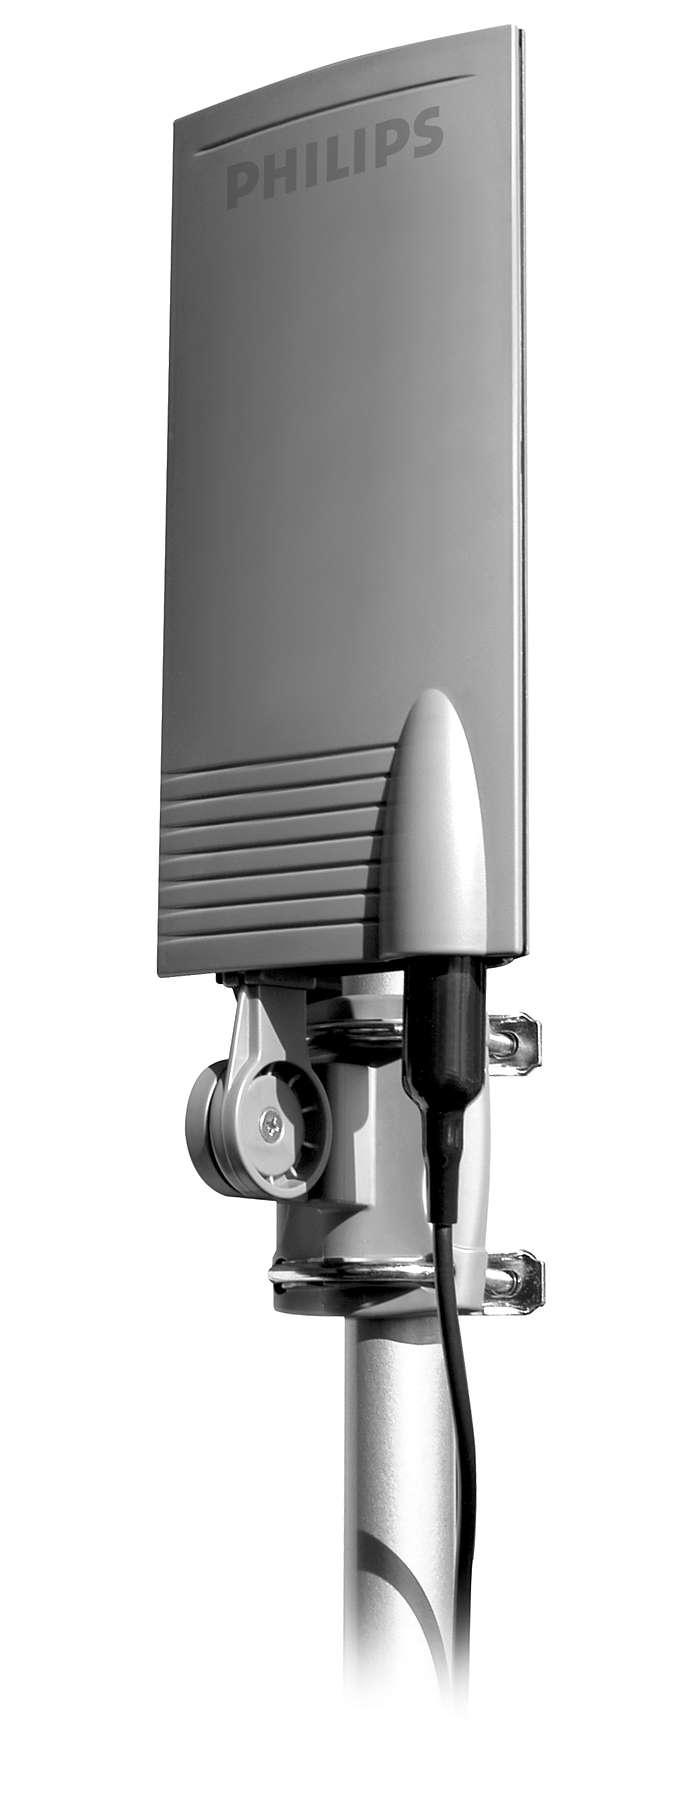 Recibe señales de TV digital y analógica